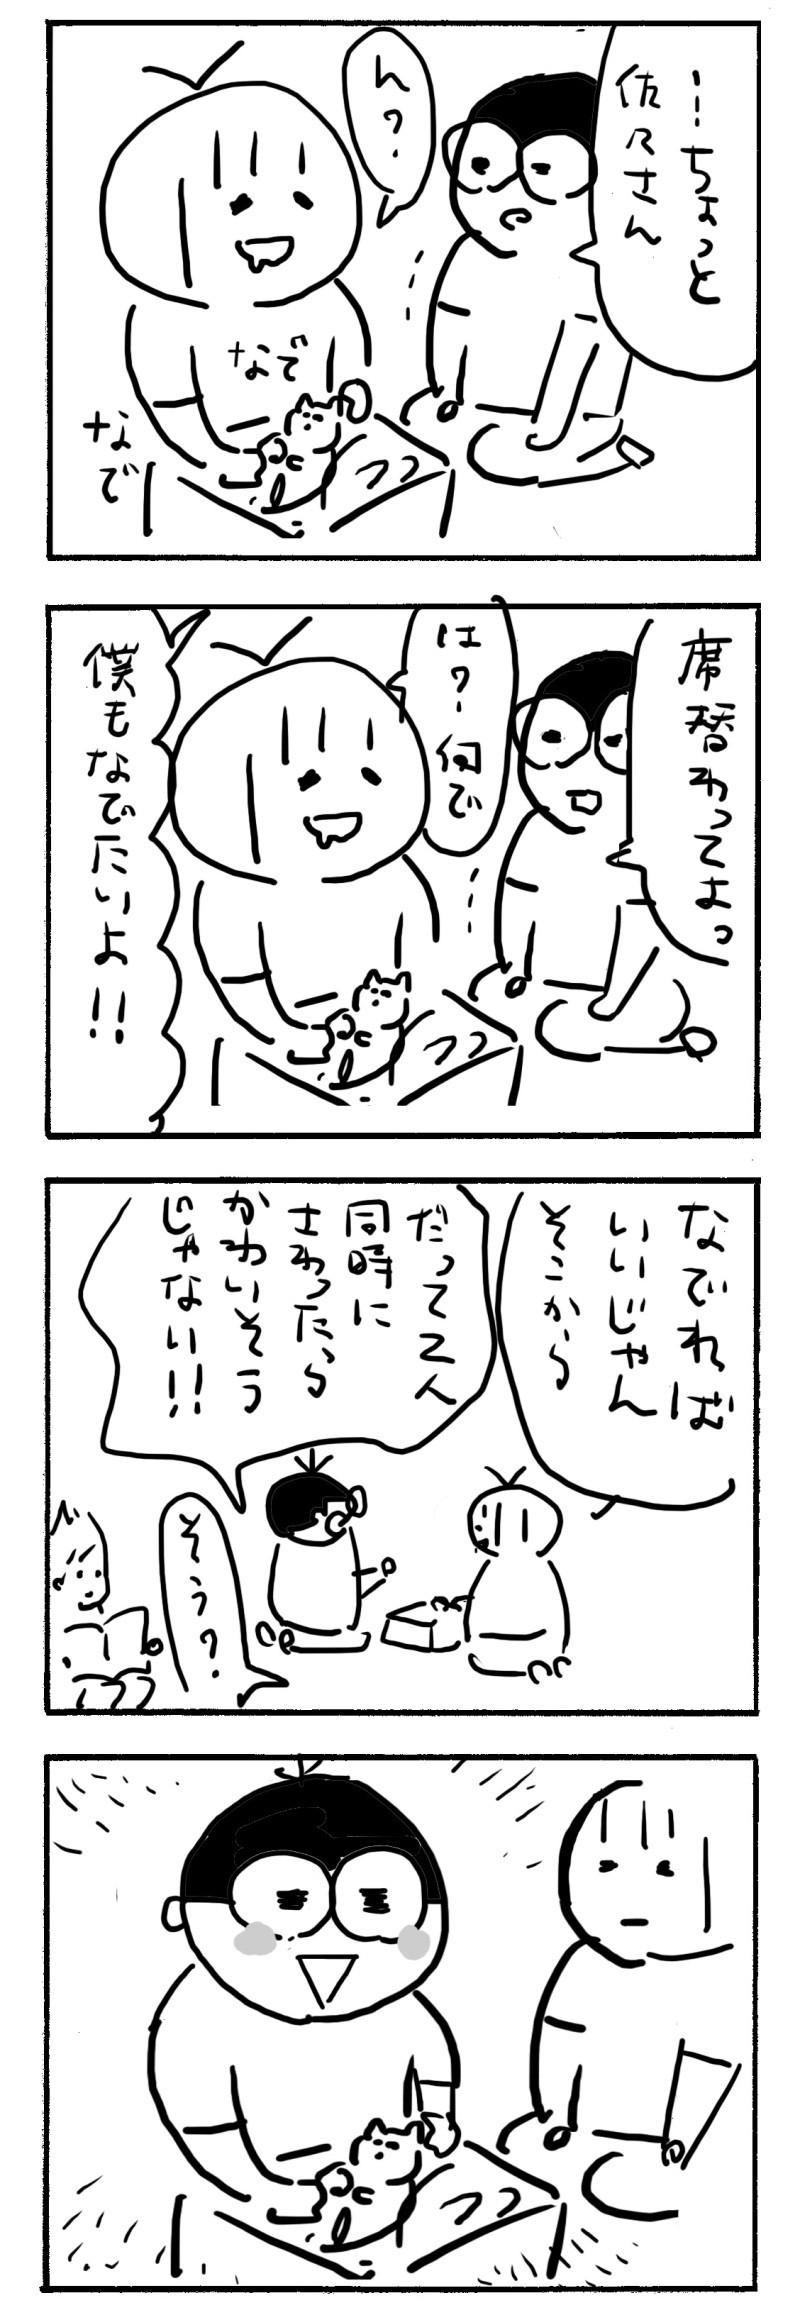 d490fb61.jpg